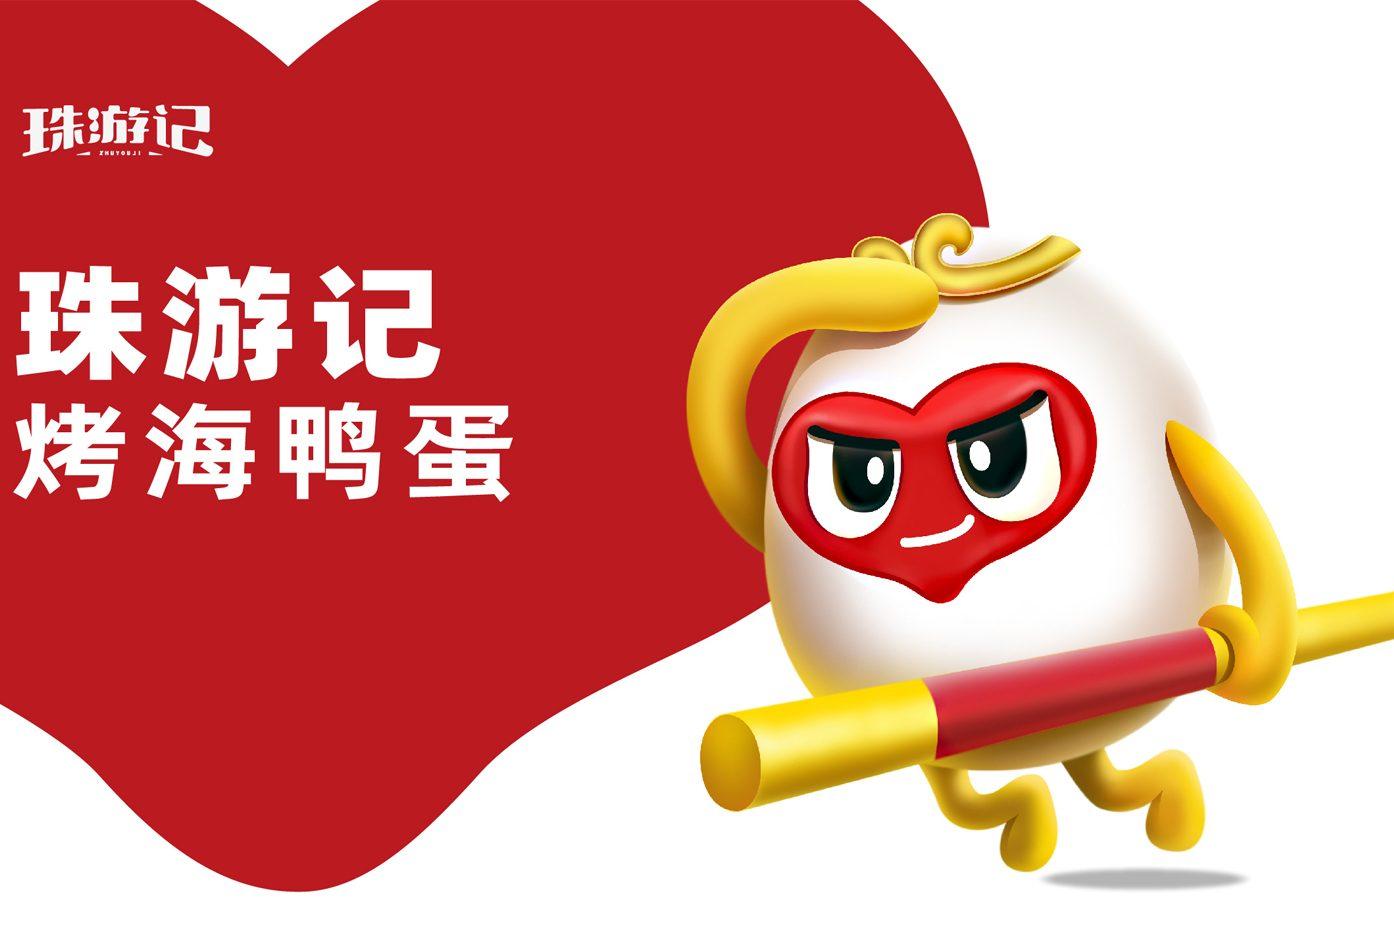 吉祥物 | 烤海鸭蛋的IP形象也能这样设计,不错!